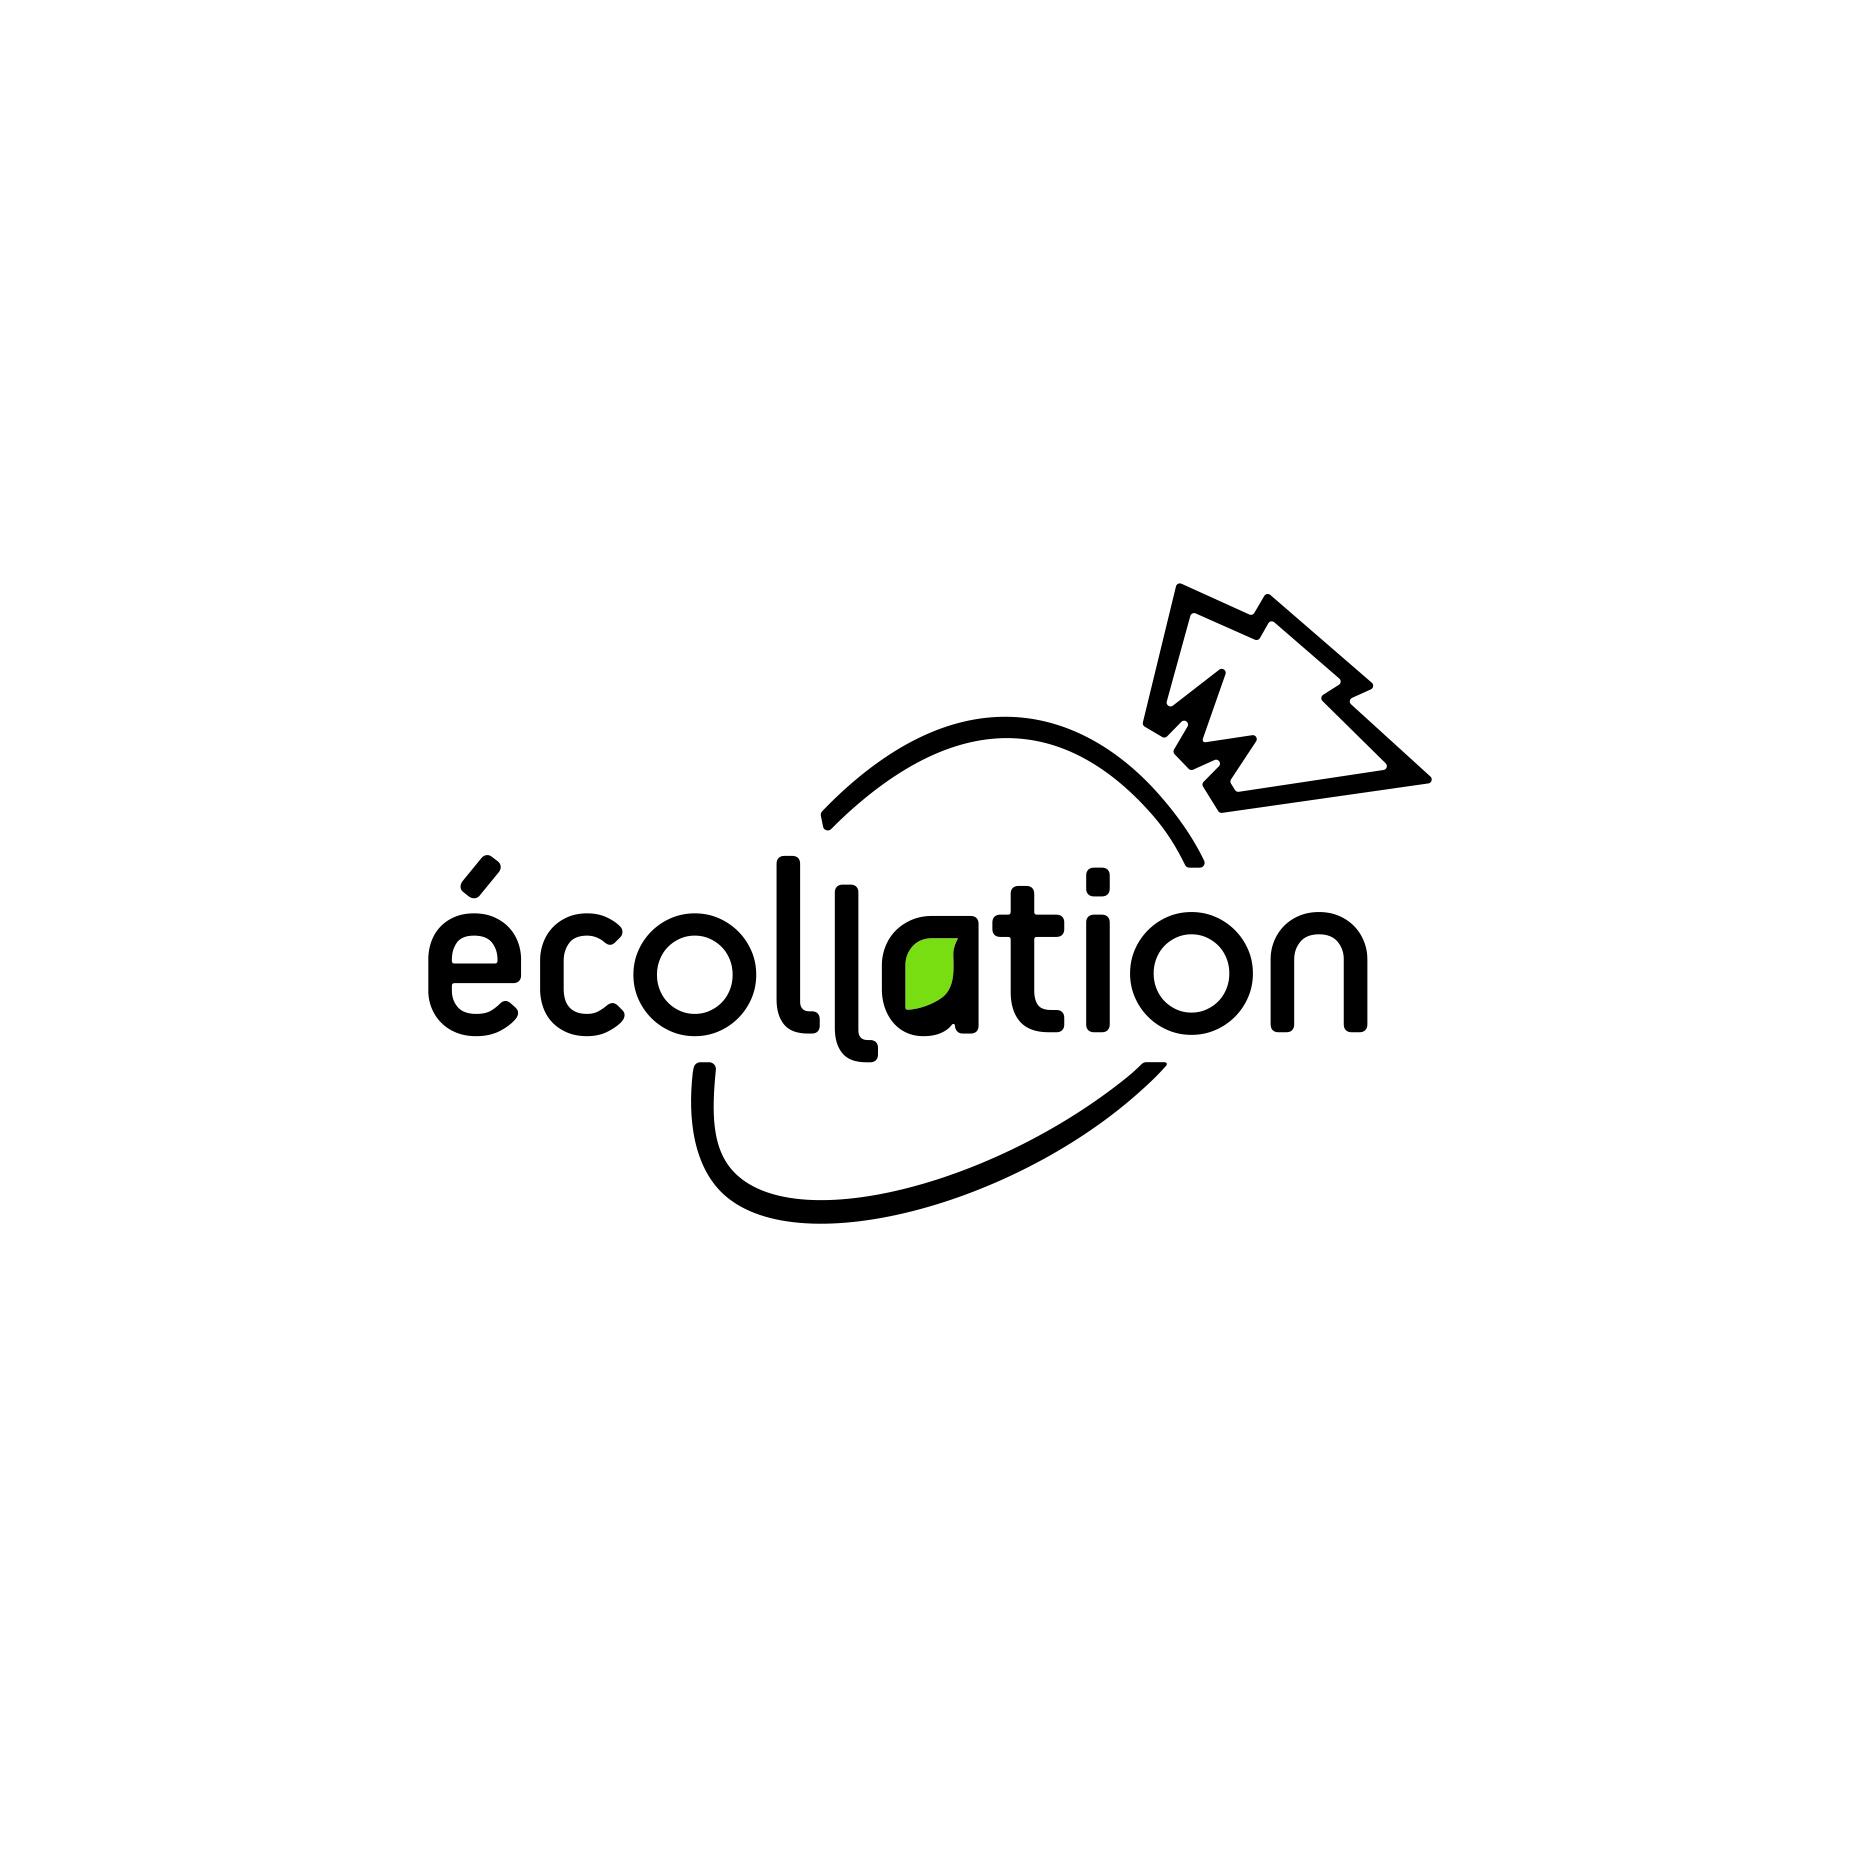 Identité visuelle du projet écollation de l'Association québécoise de la garde scolaire